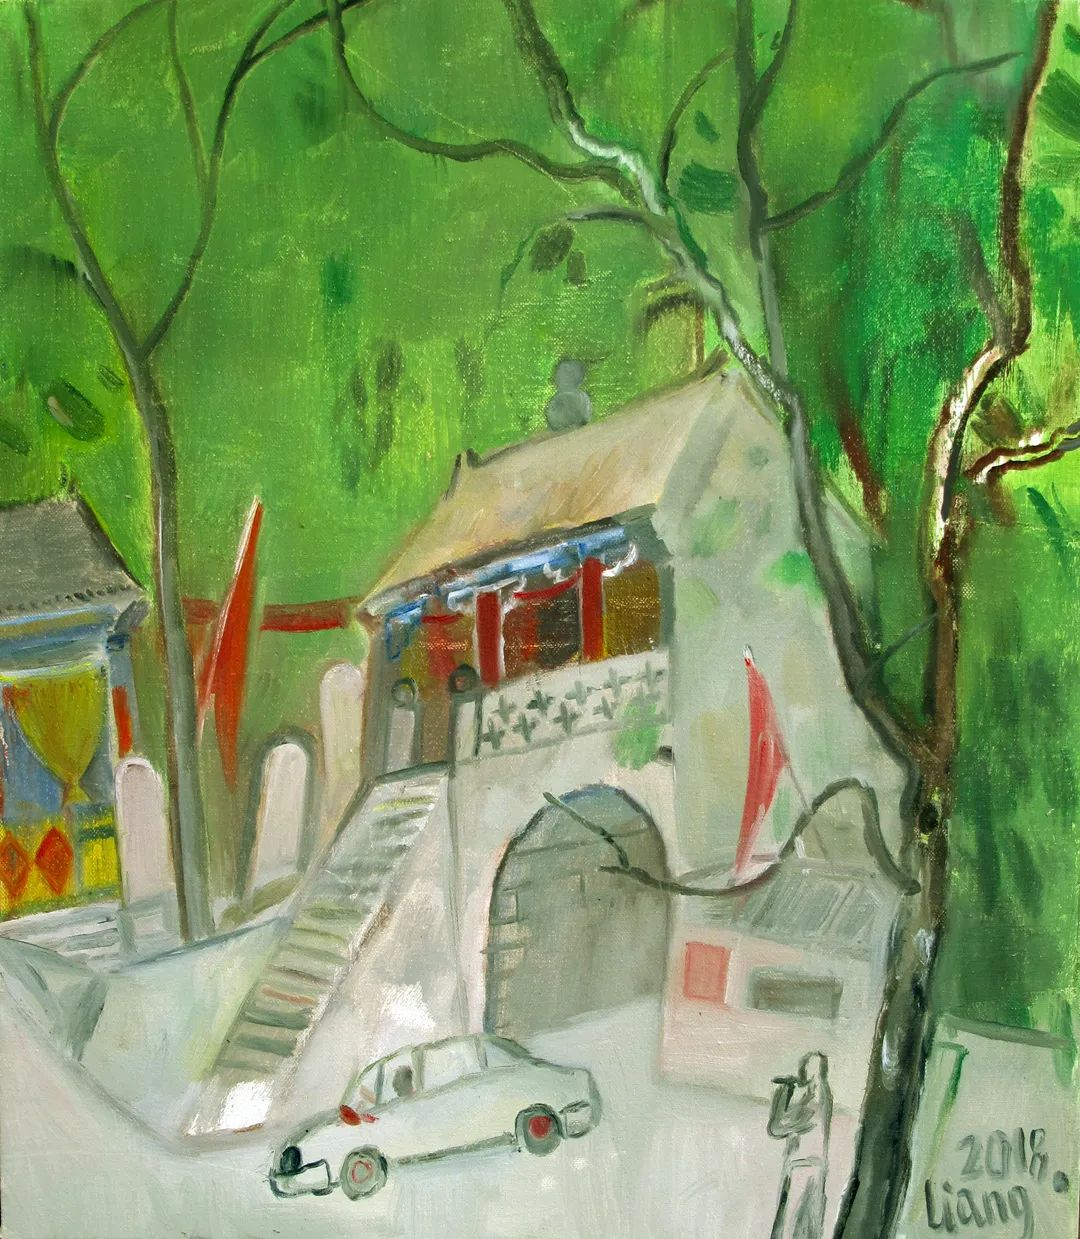 中国当代绘画艺术展作品欣赏之 梁智龙插图29